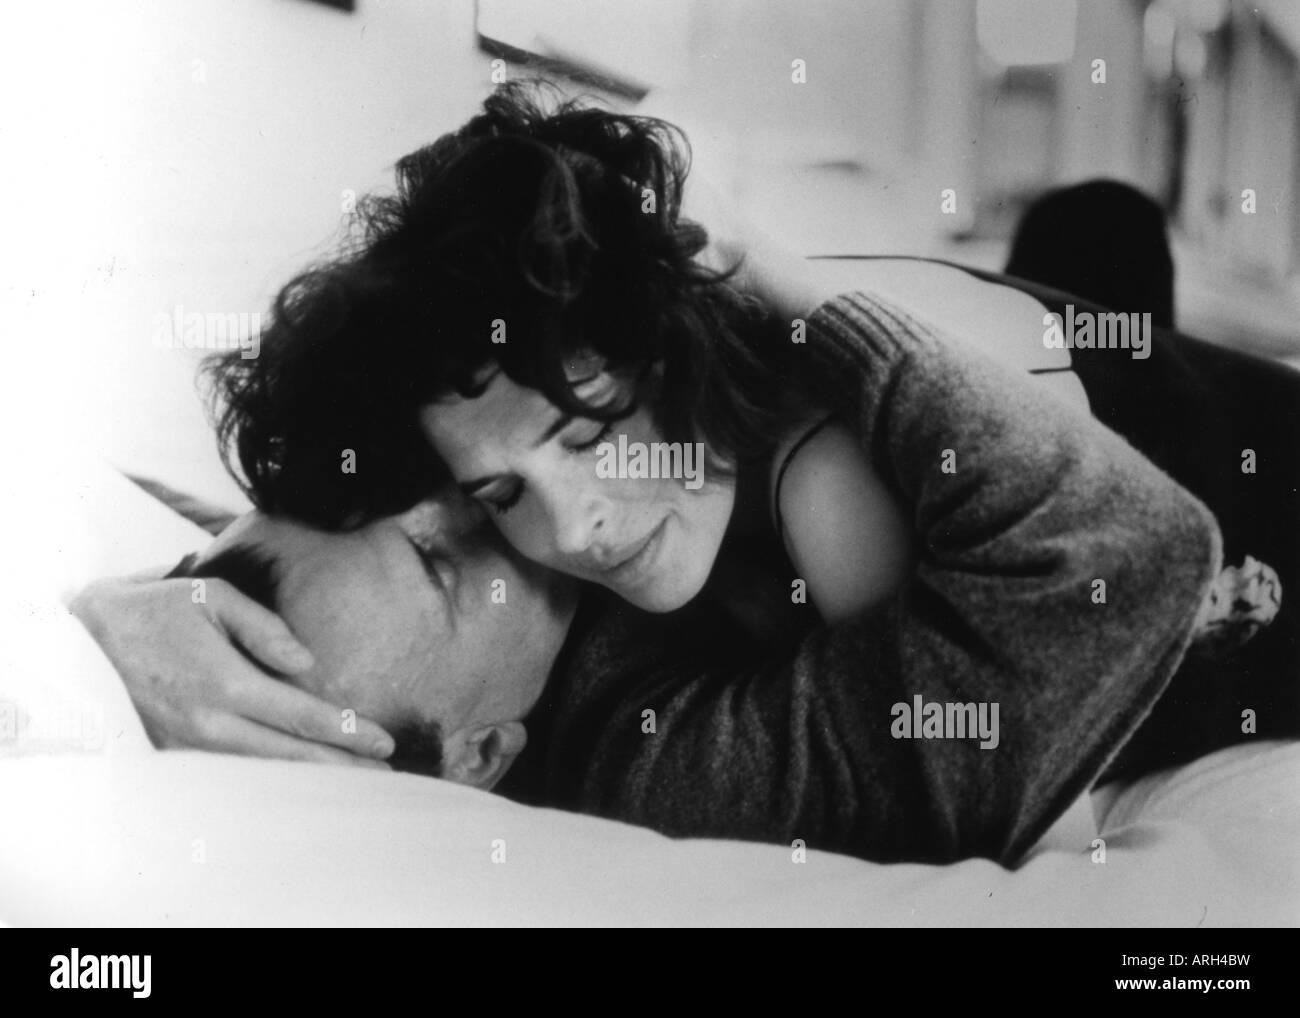 'movie, 'Beyond the Clouds' (Al di la delle nuvole / Par dela les nuages), BRD / FRA / ITA 1995, director: - Stock Image